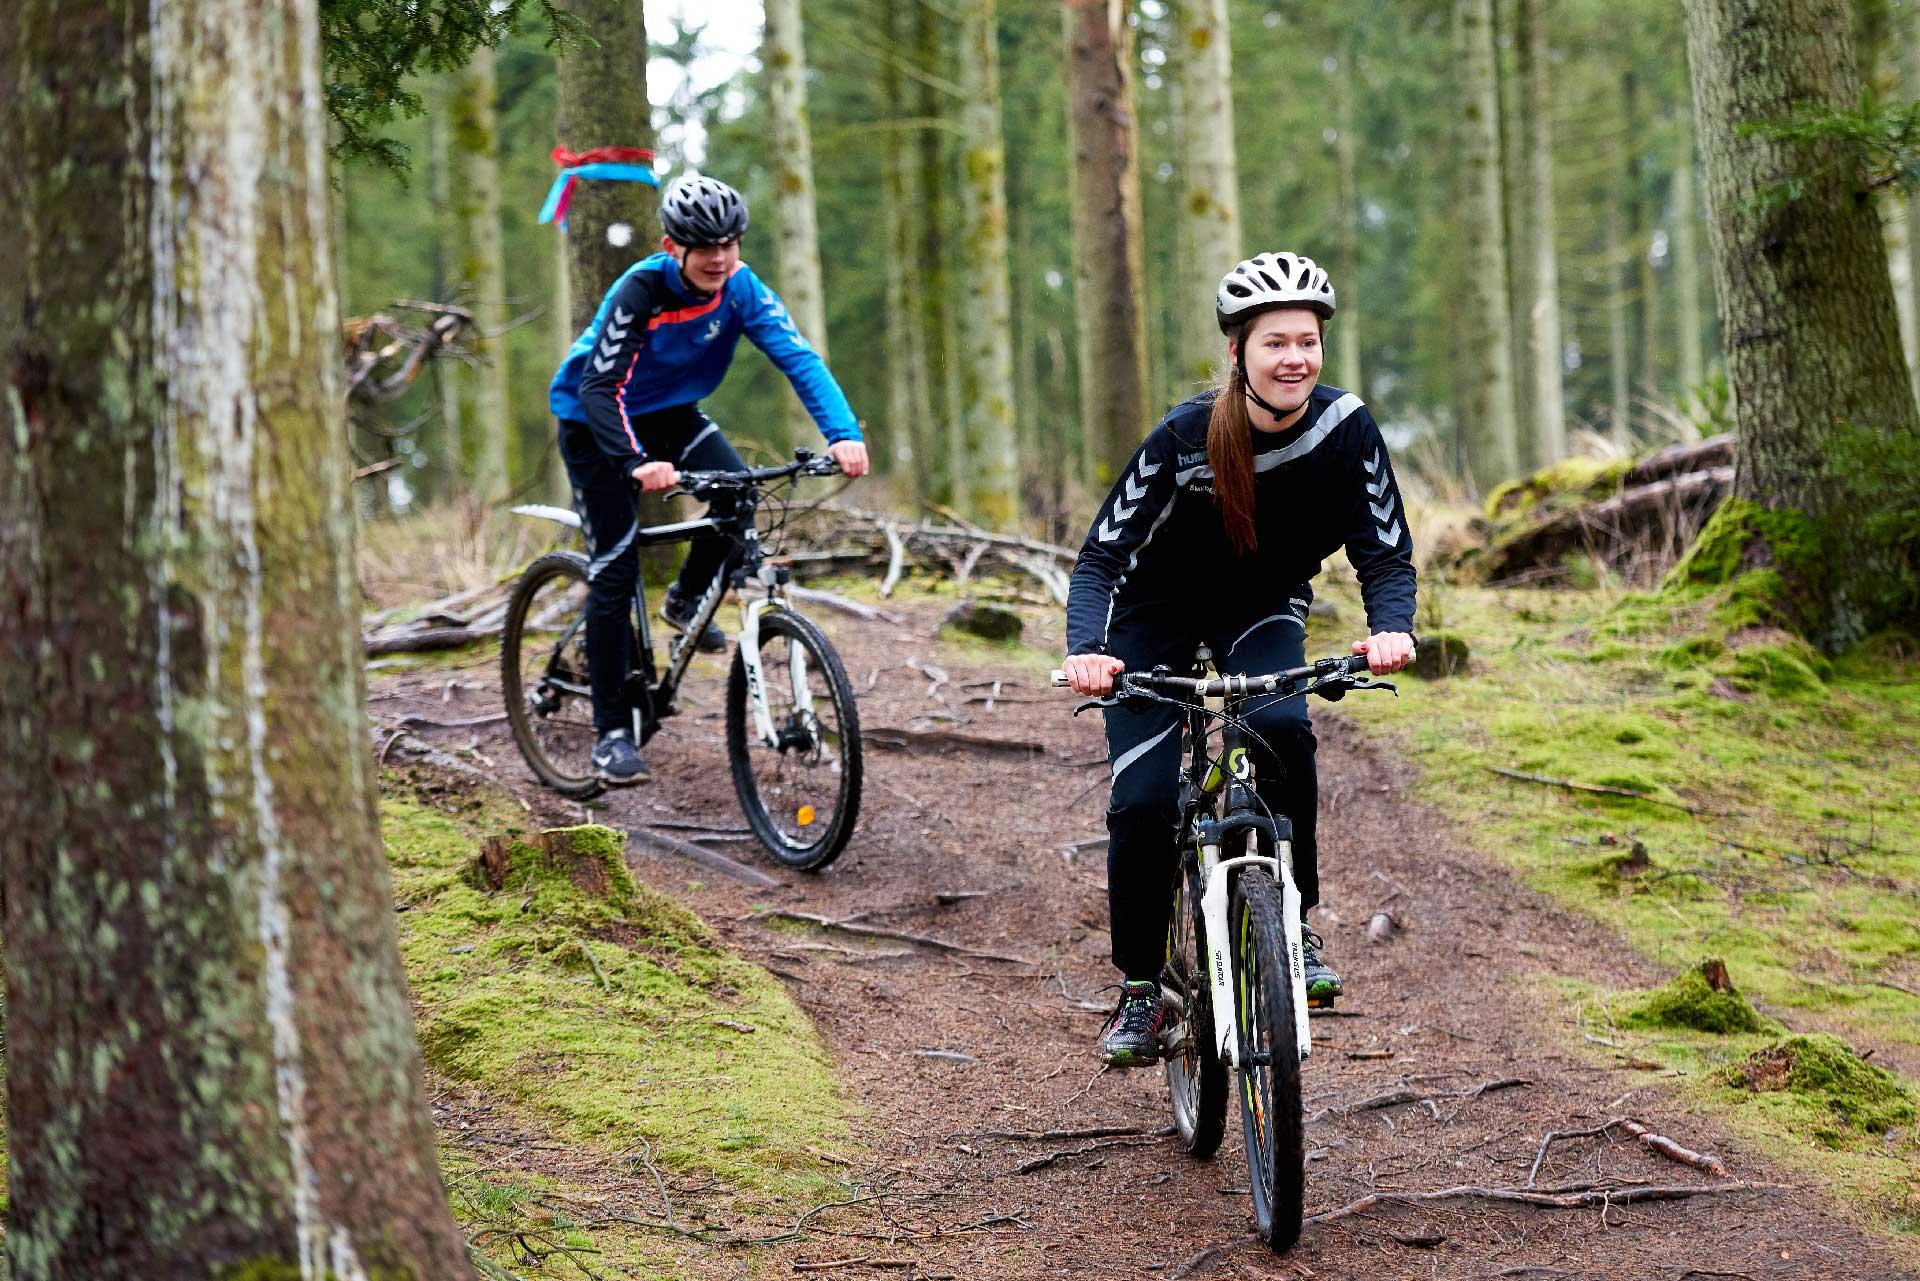 cykelryttere i skoven